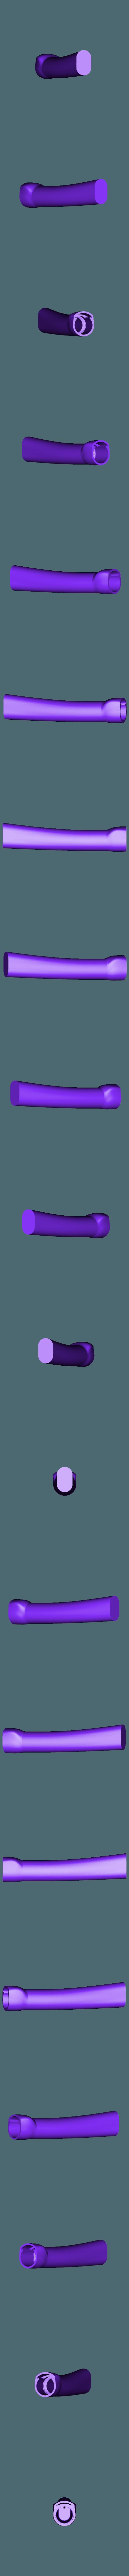 Daiwa_Fishing_Handle_v1-0.STL Télécharger fichier STL gratuit Poteaux de pêche • Objet pour impression 3D, WalterHsiao